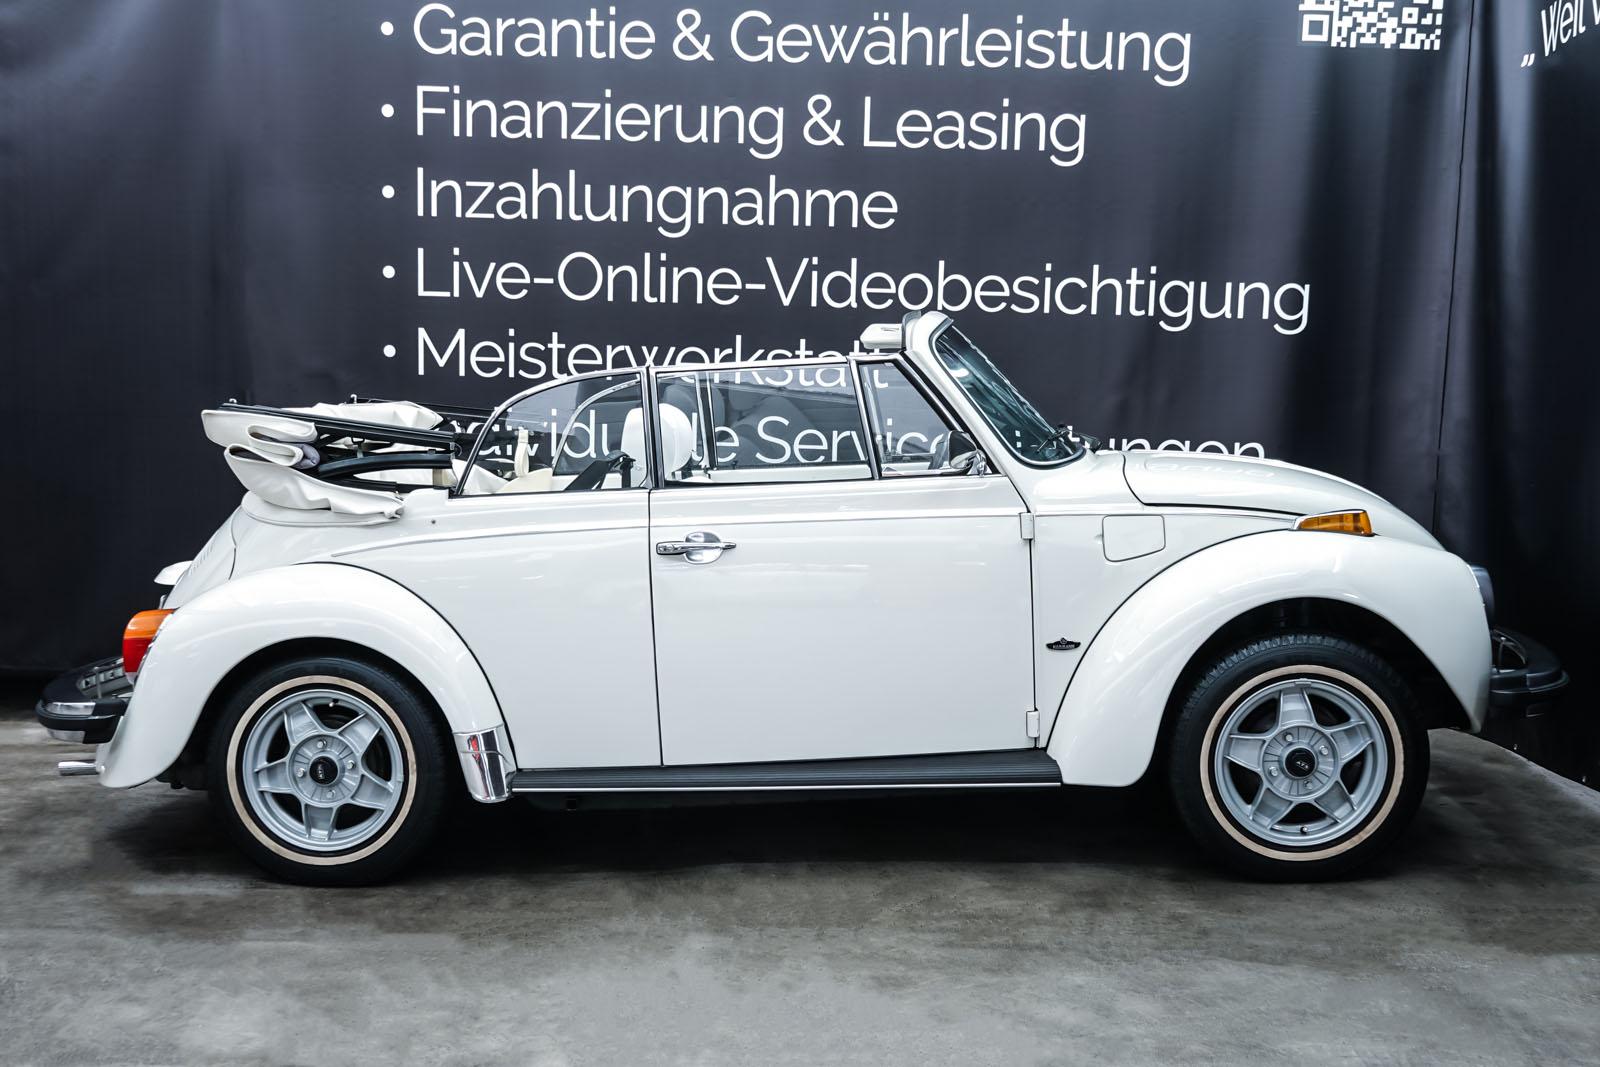 VW_Käfer_Cabrio_Weiß_Weiß_VW-3481_18_w